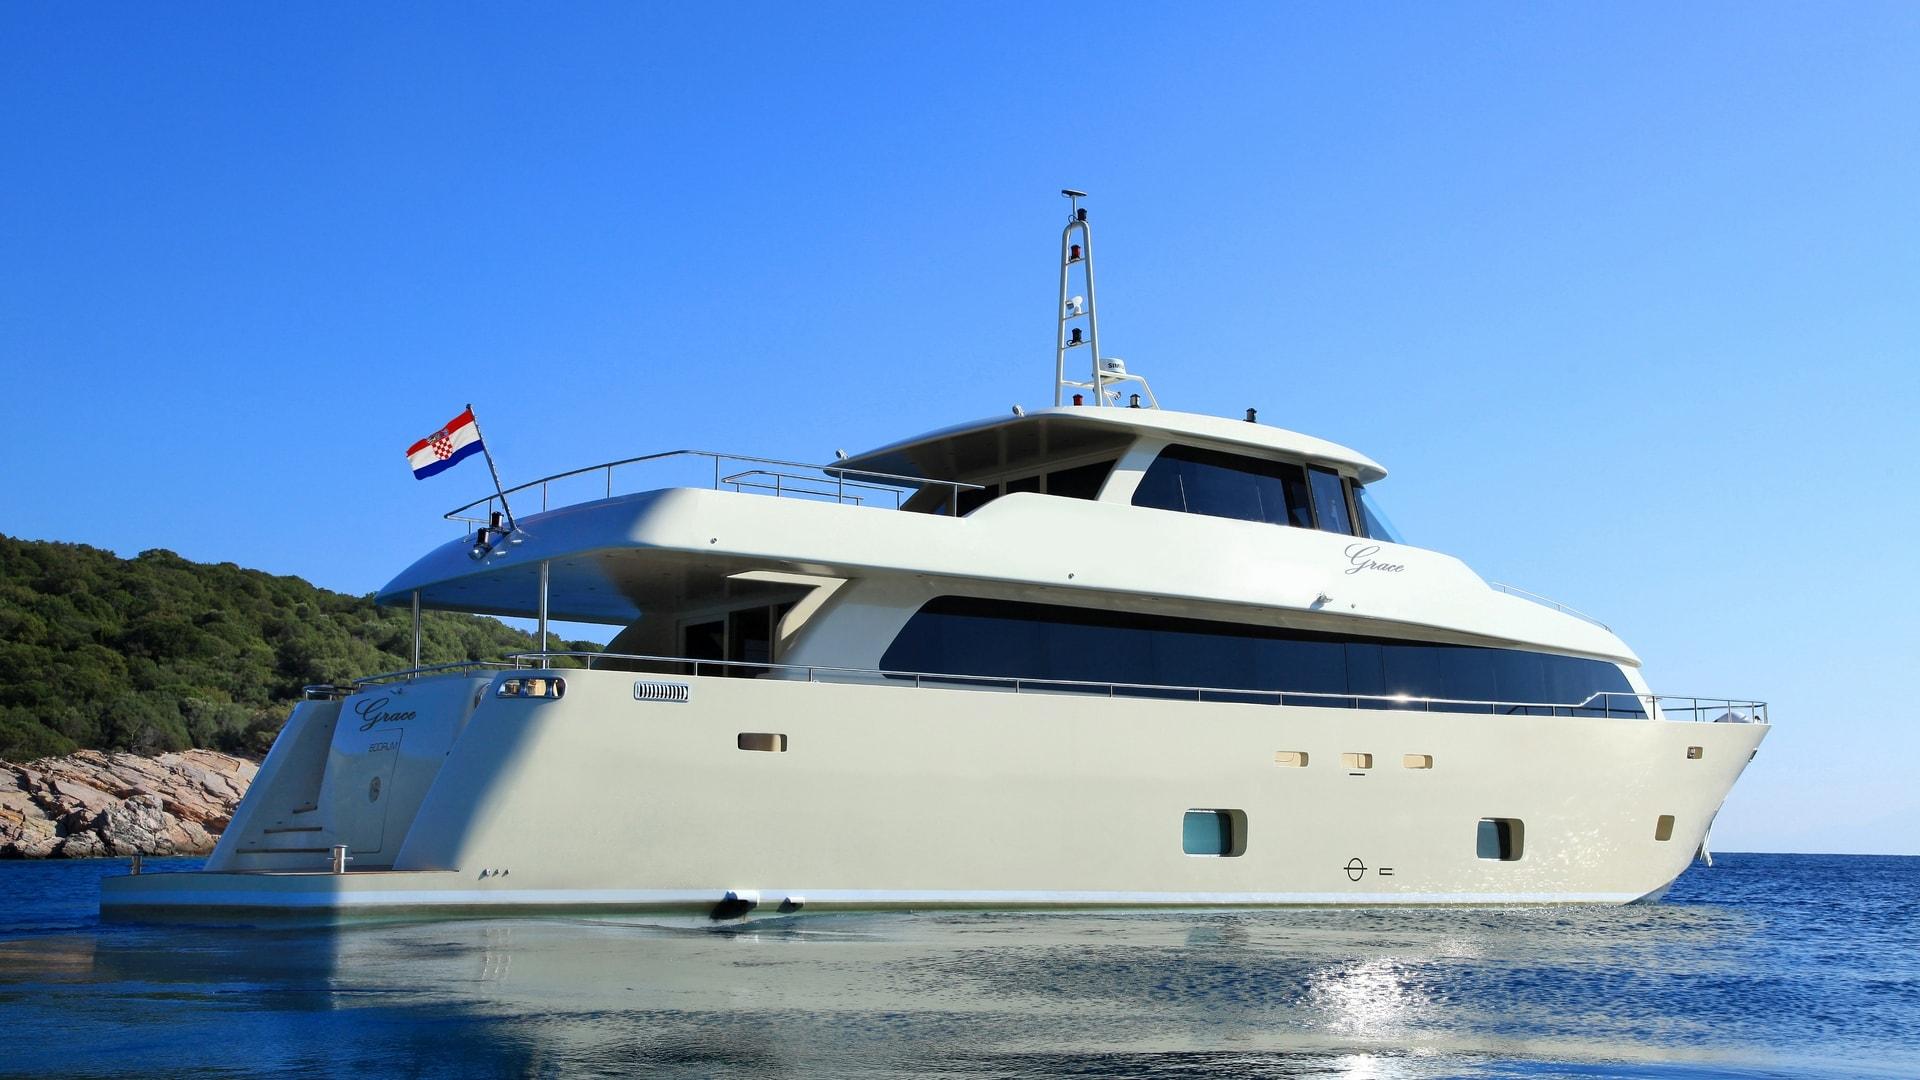 Alquiler de barcos y yates Aegean en Ibiza